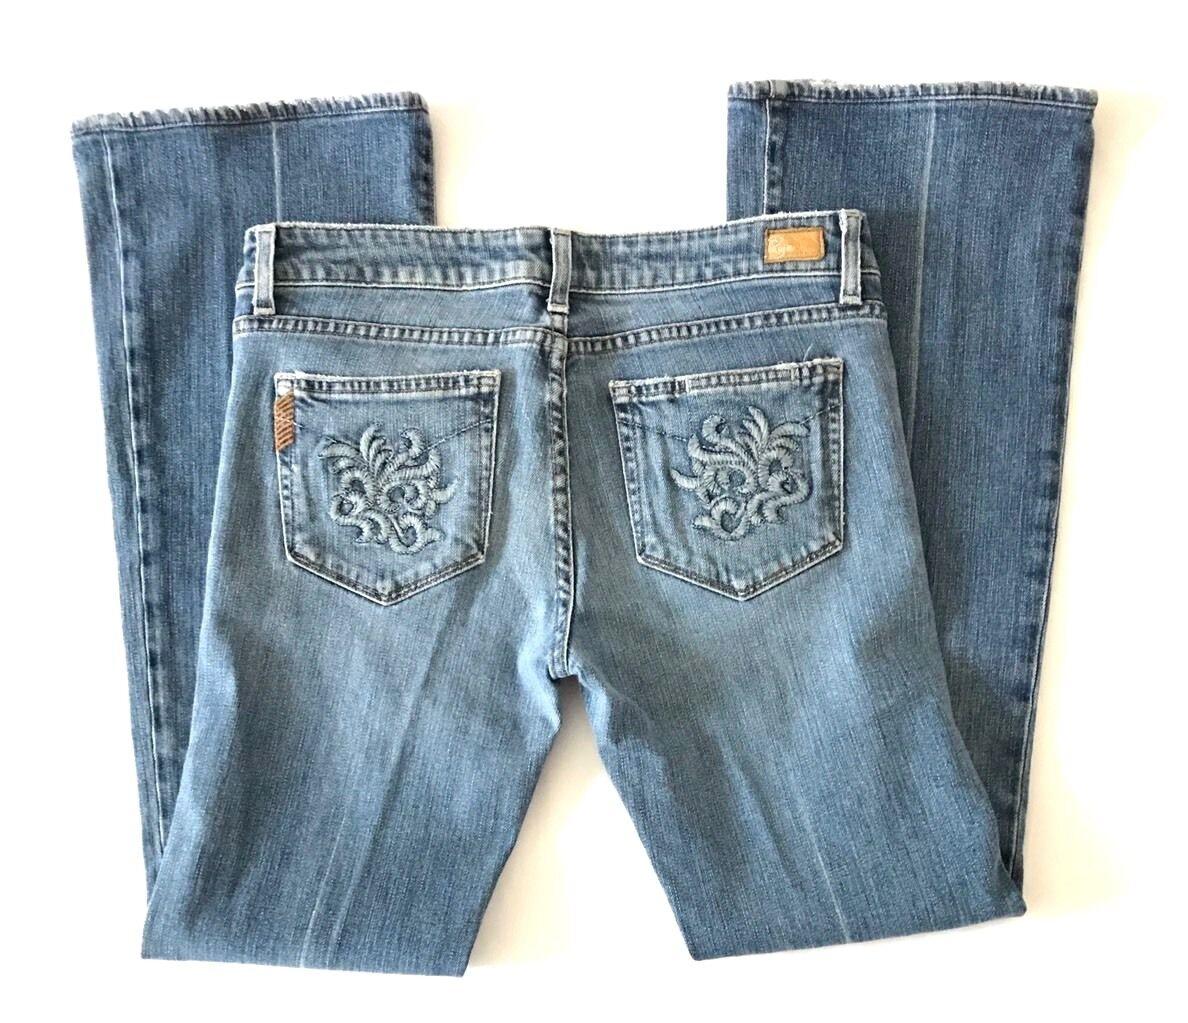 Paige Jeans Womens Size 30 Laurel Canyon Straight Boot Cut Cotton Denim Pants